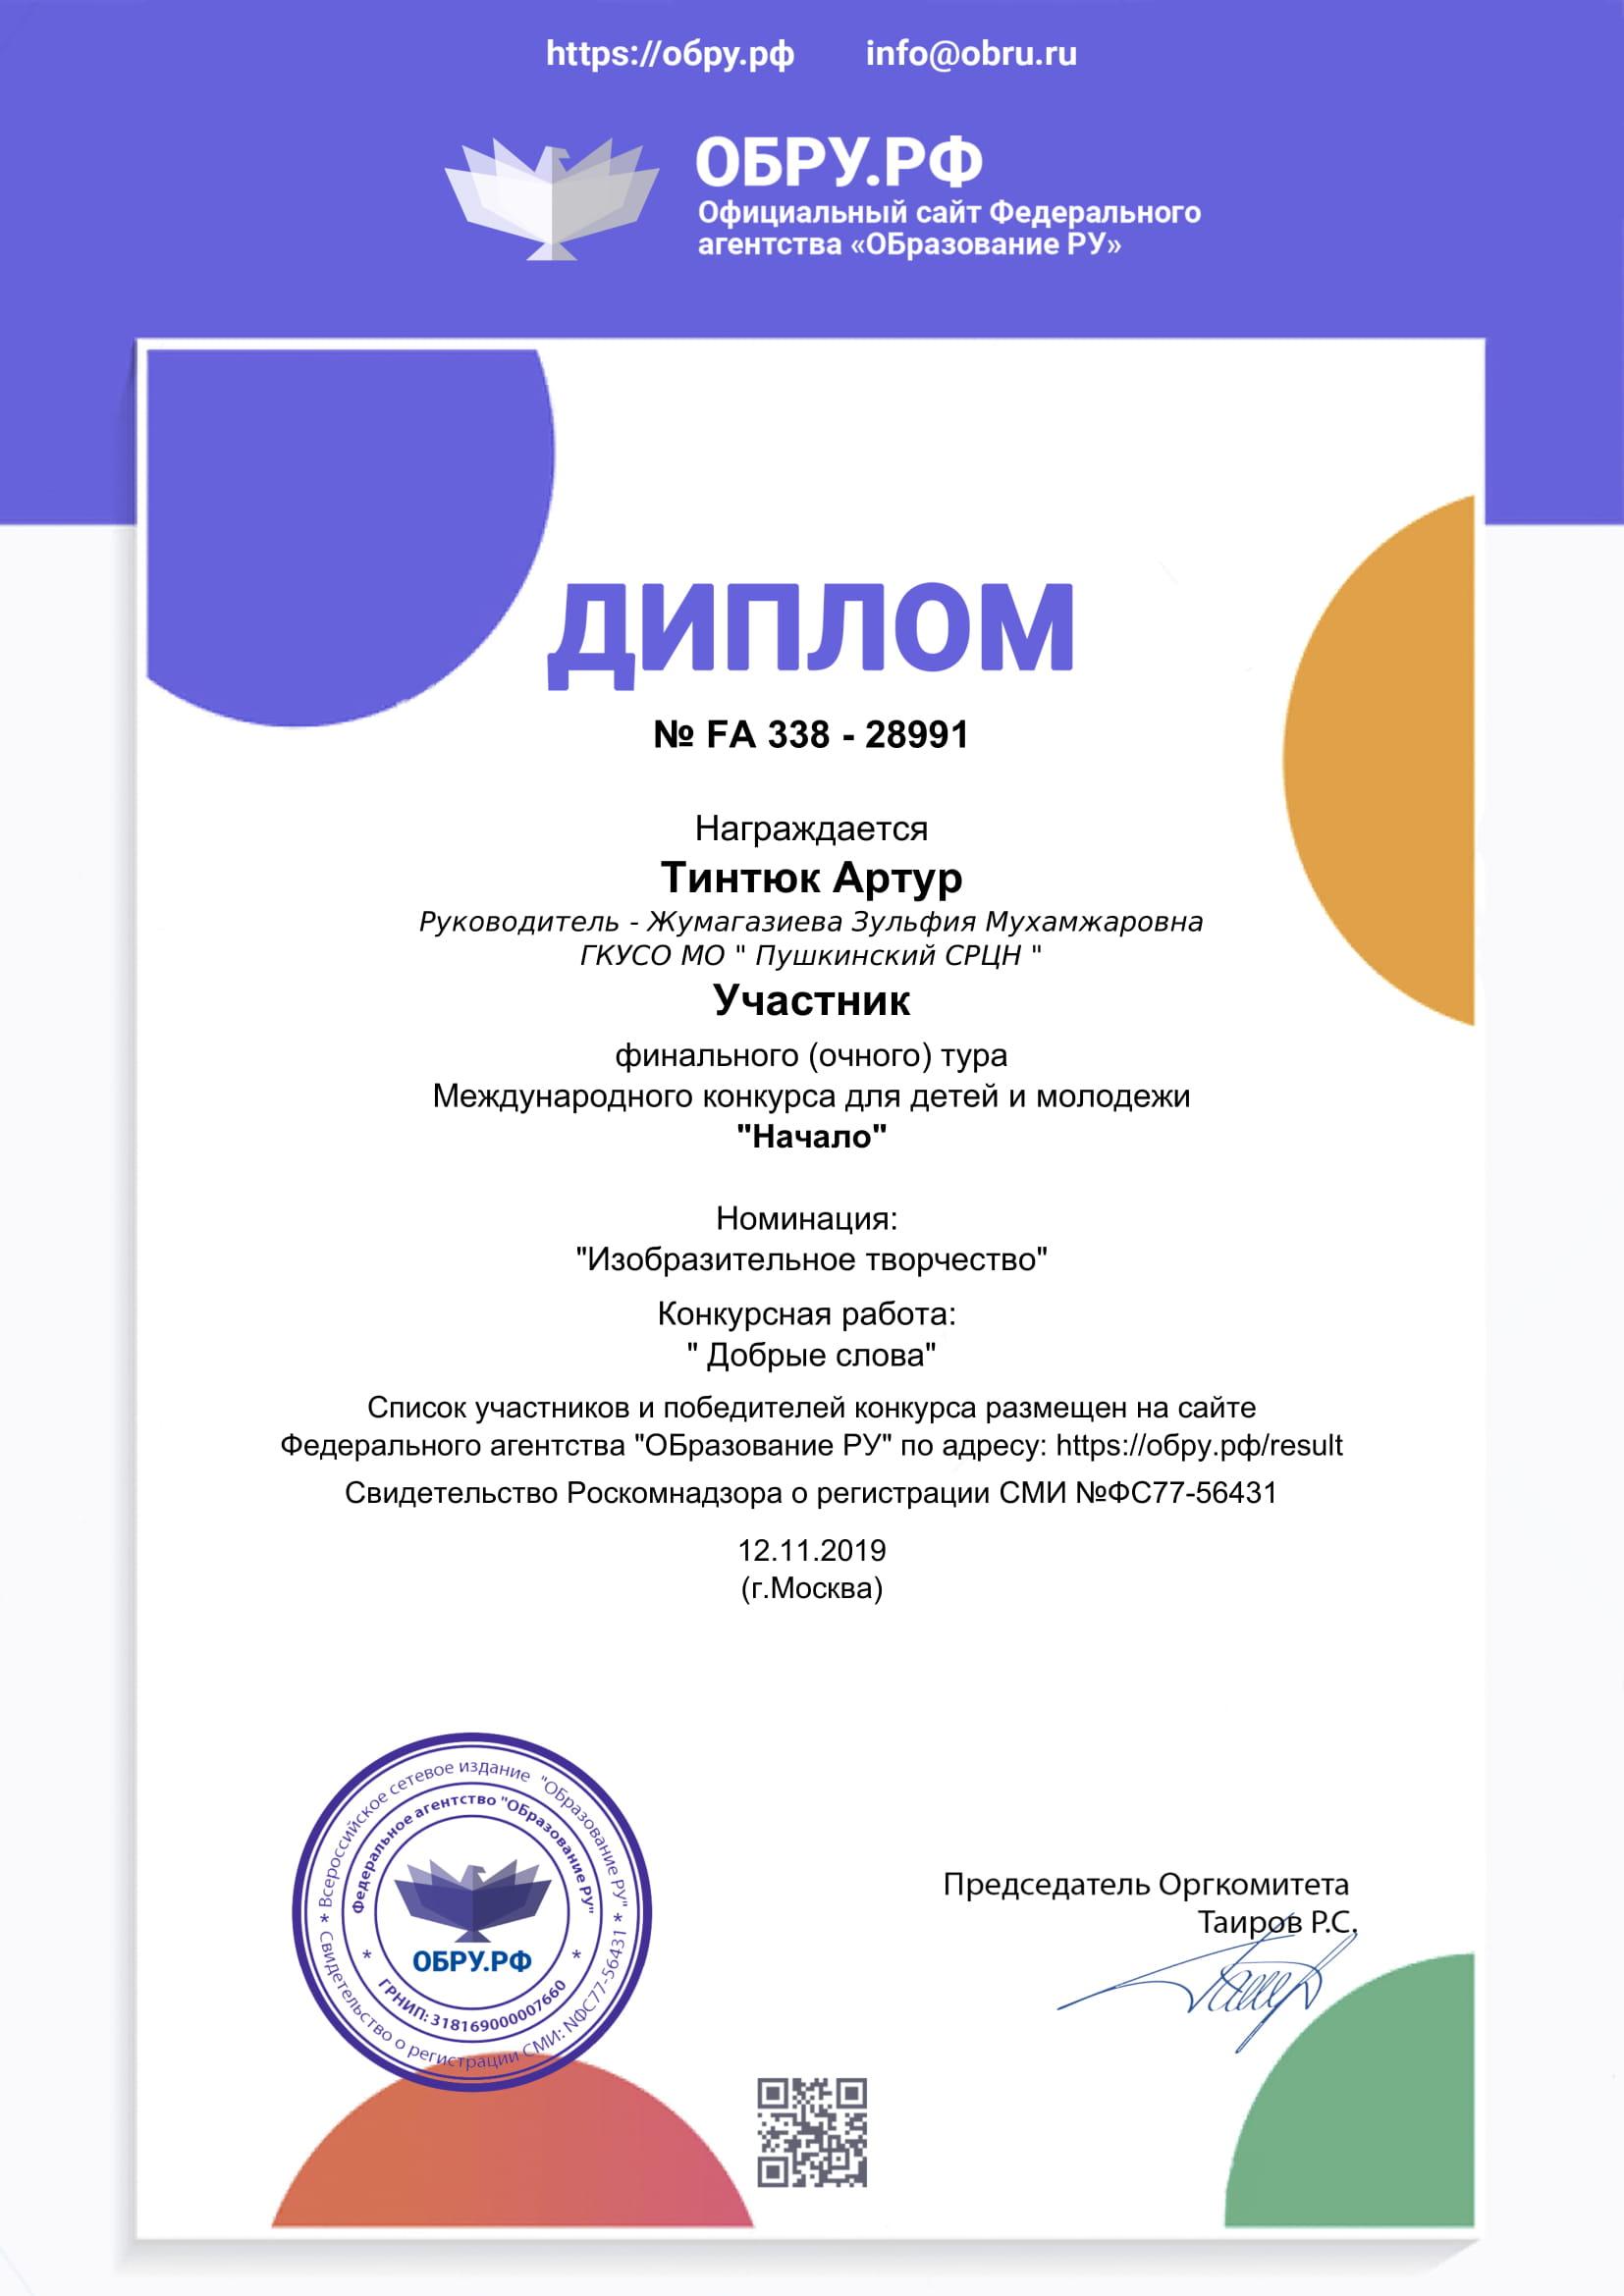 diplom_28991-1